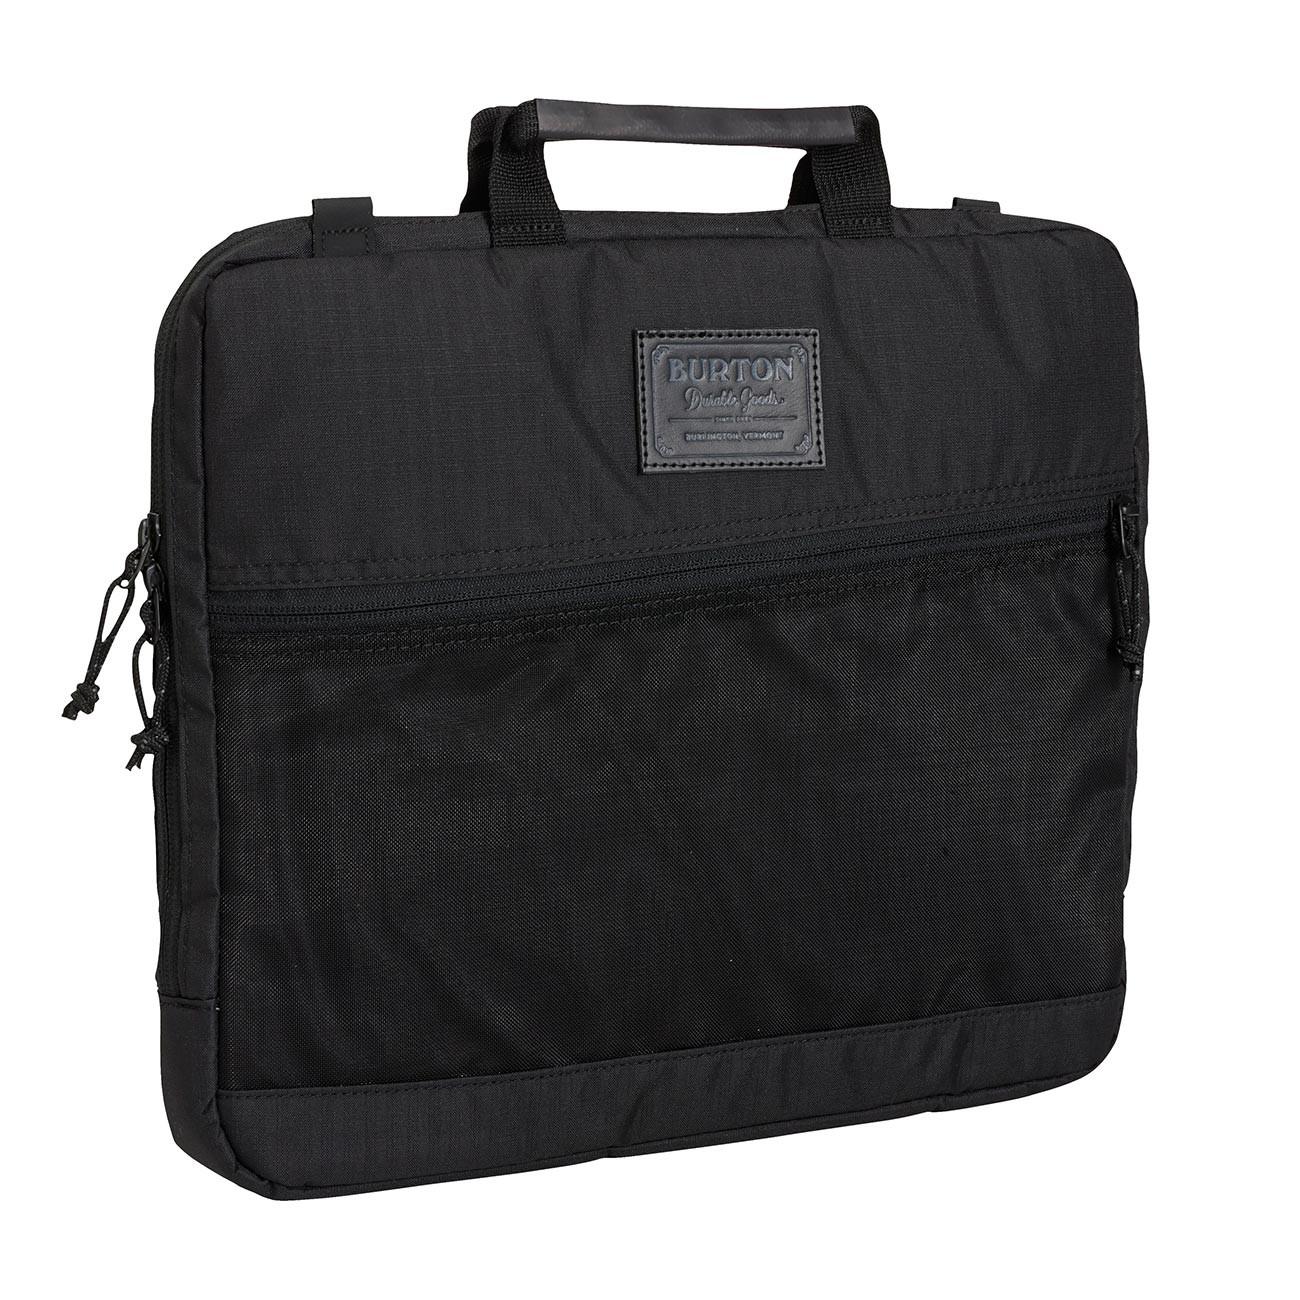 2879601a4 Obal Burton Hyperlink 13 Laptop Case true black triple ripstop ...